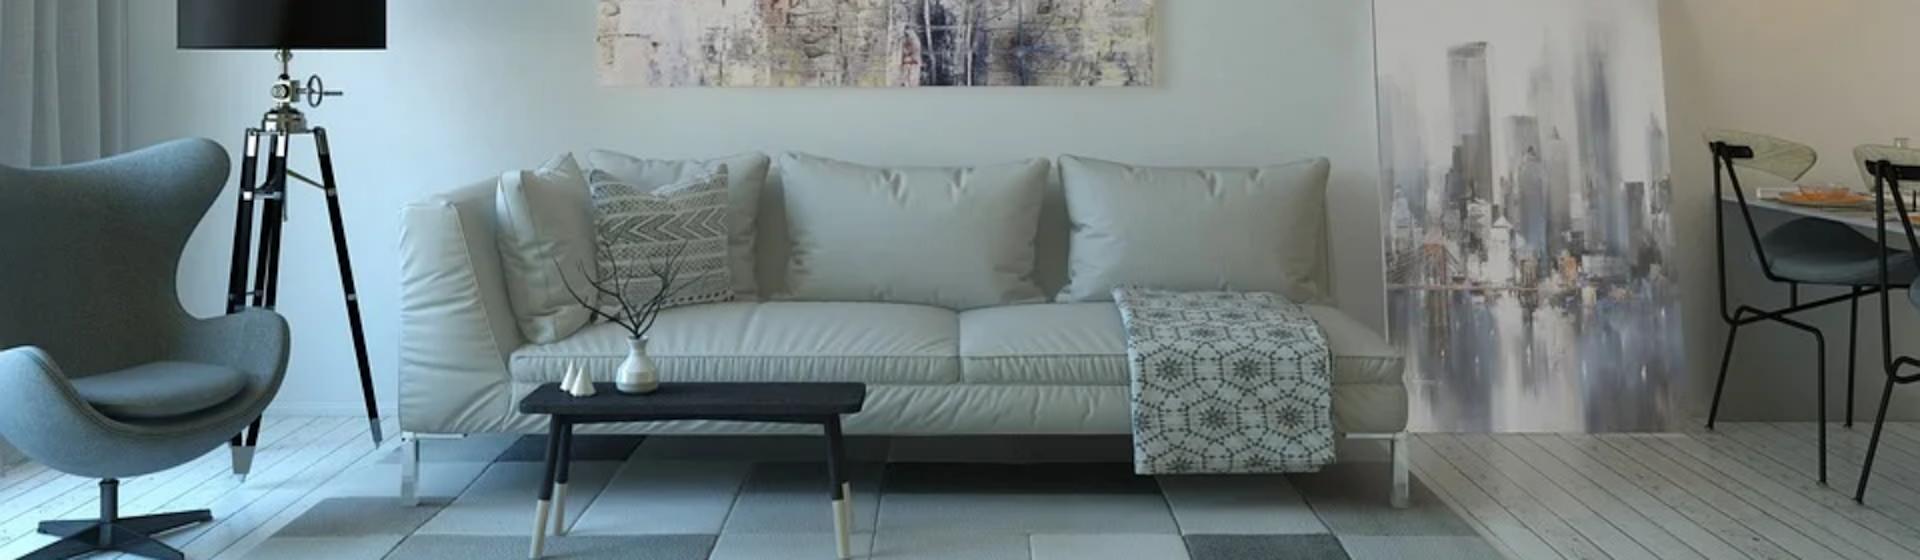 ¿Cómo presentar un proyecto de diseño de interiores?: 6 fases a tener en cuenta